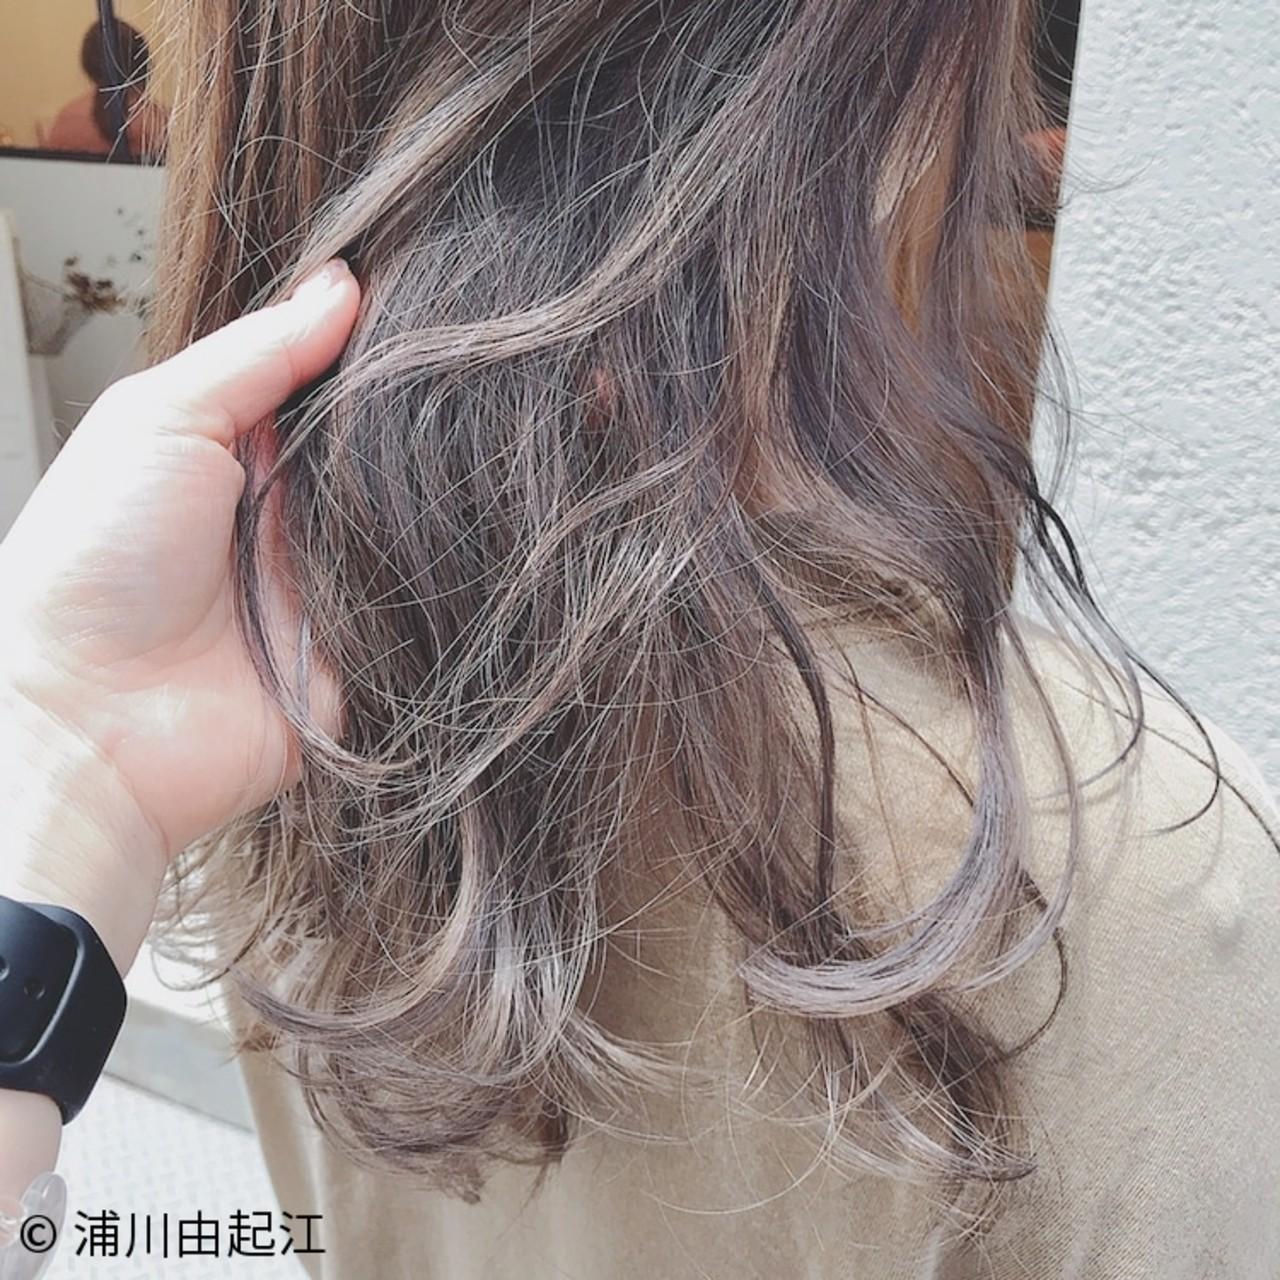 グラデーションカラー ゆるふわ 大人かわいい 外国人風 ヘアスタイルや髪型の写真・画像 | 浦川由起江 / nanon